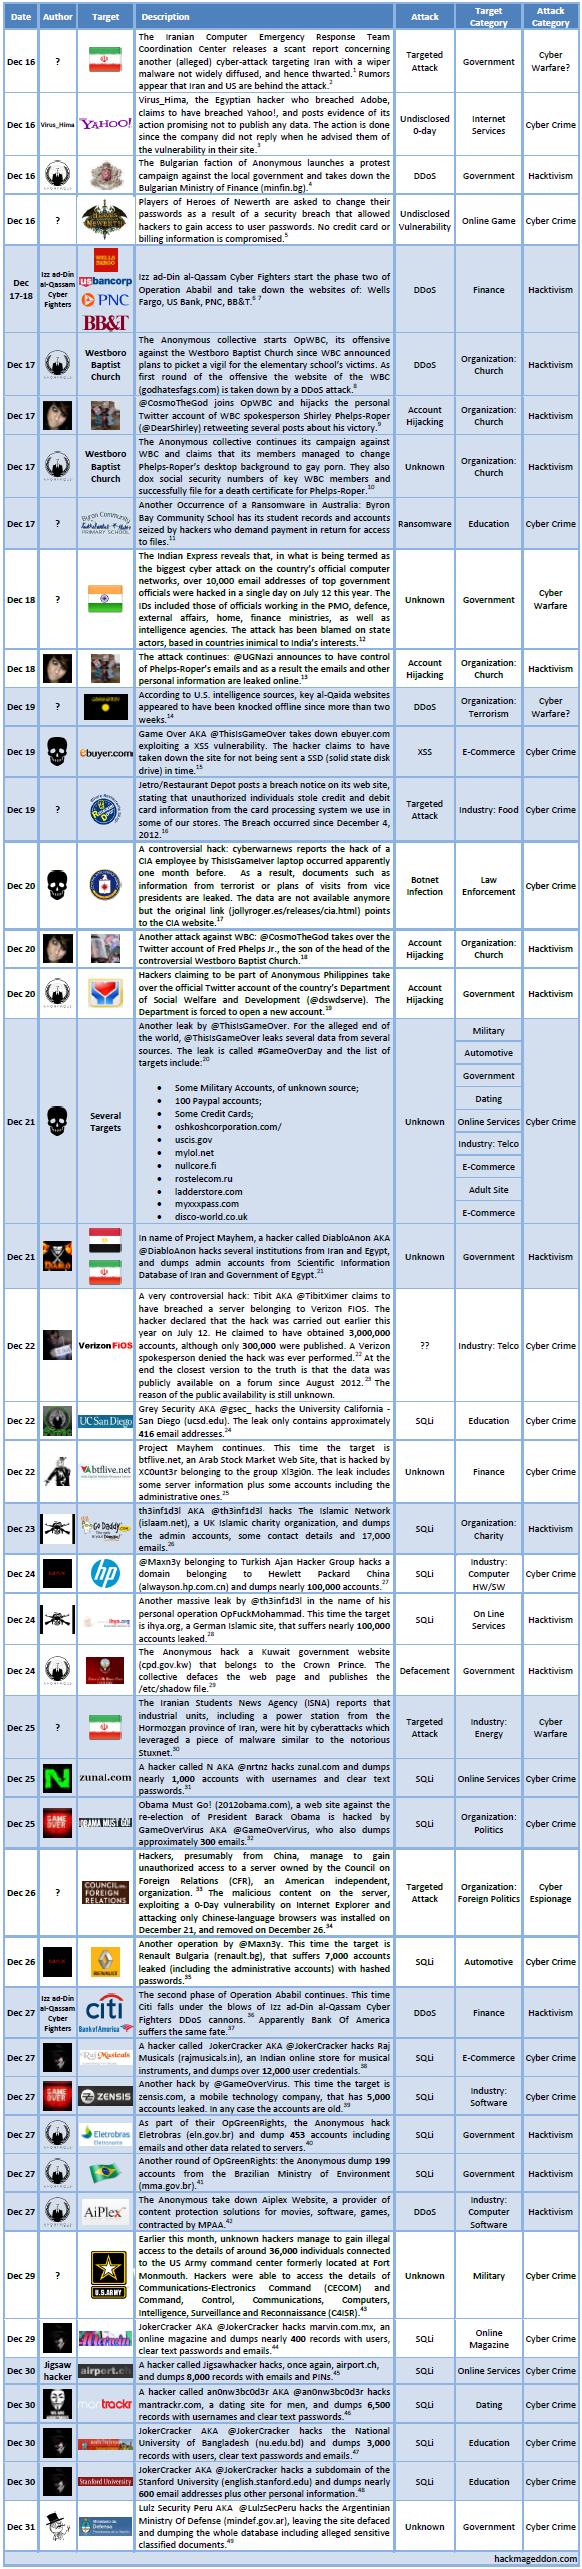 16-31 December 2012 Cyber Attack Timeline